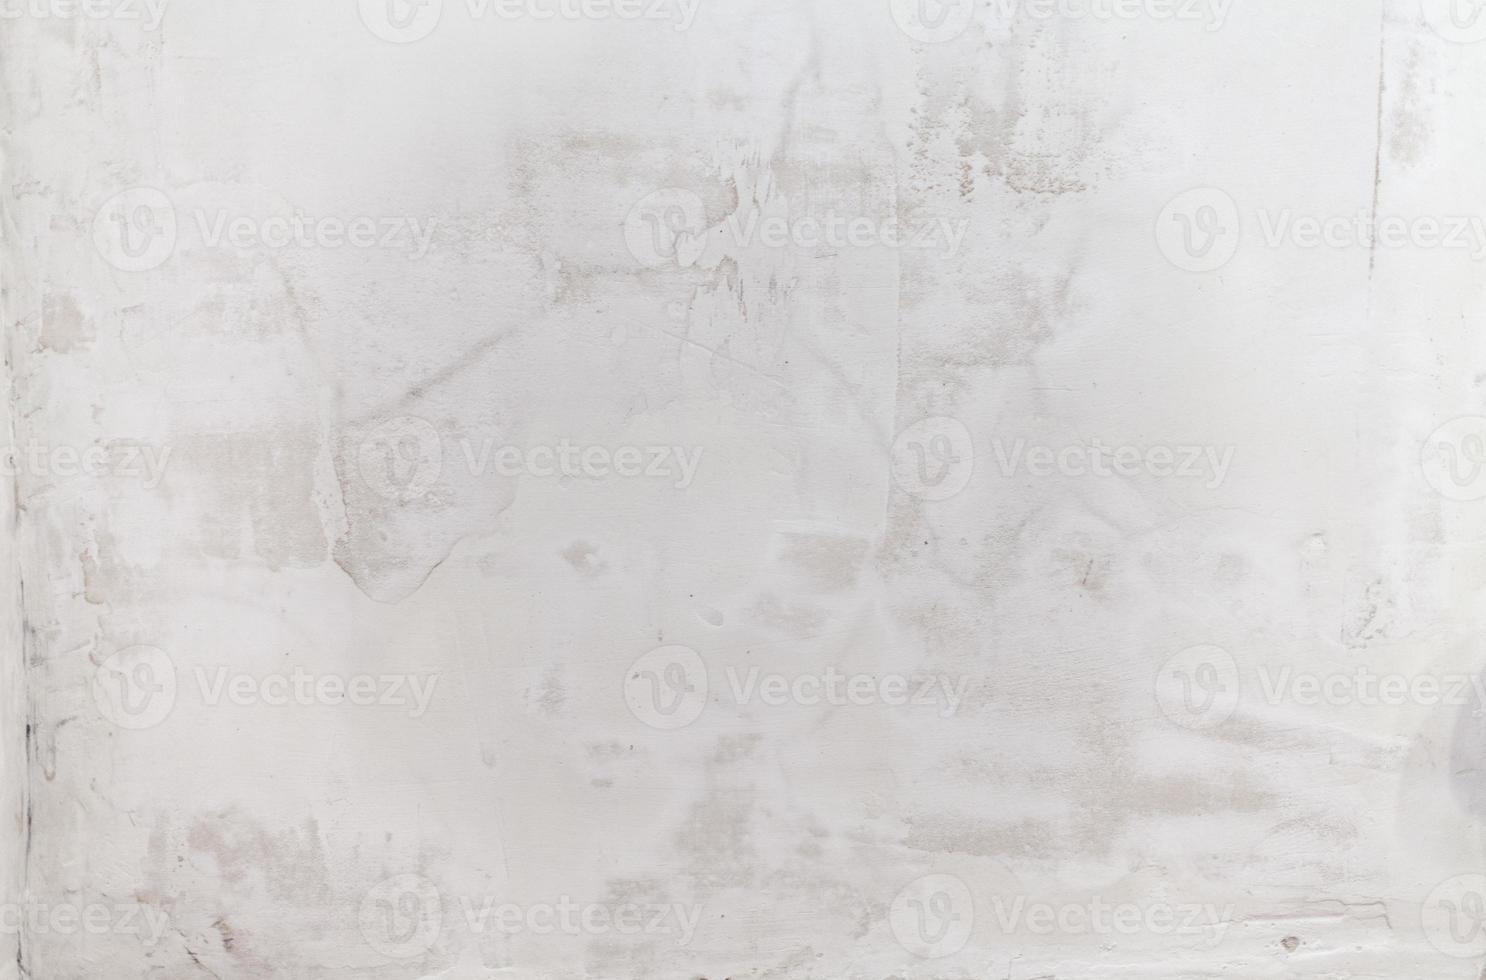 grungy witte betonnen muur achtergrond foto